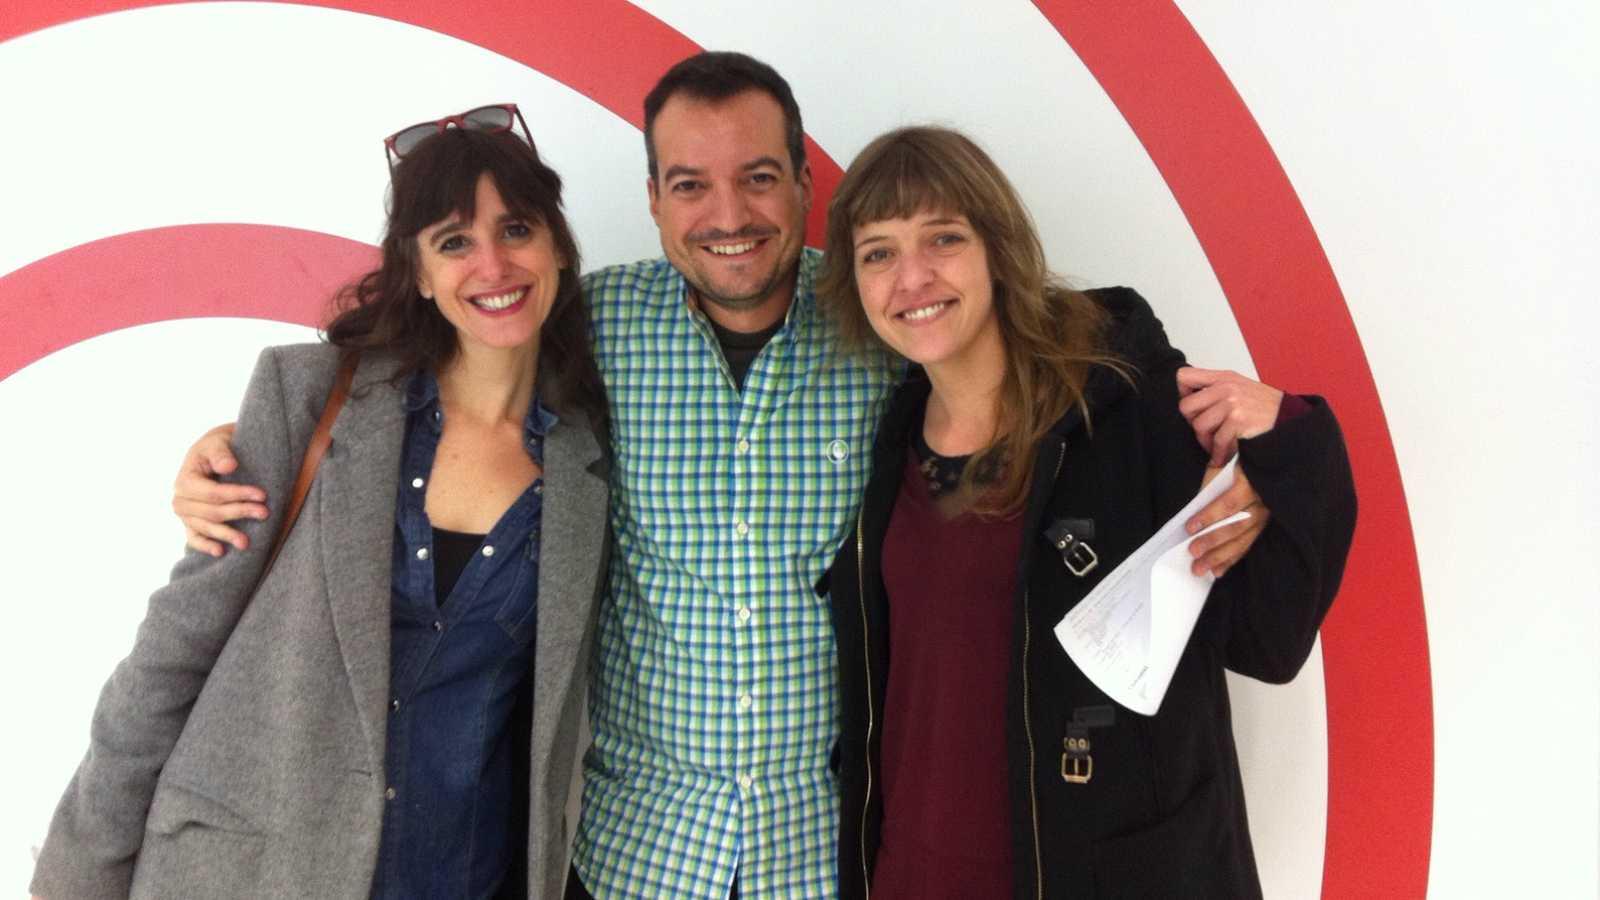 La sala - '40 años de paz' con Fernanda Orazi y Ana Alonso - 21/11/15 - Escuchar ahora